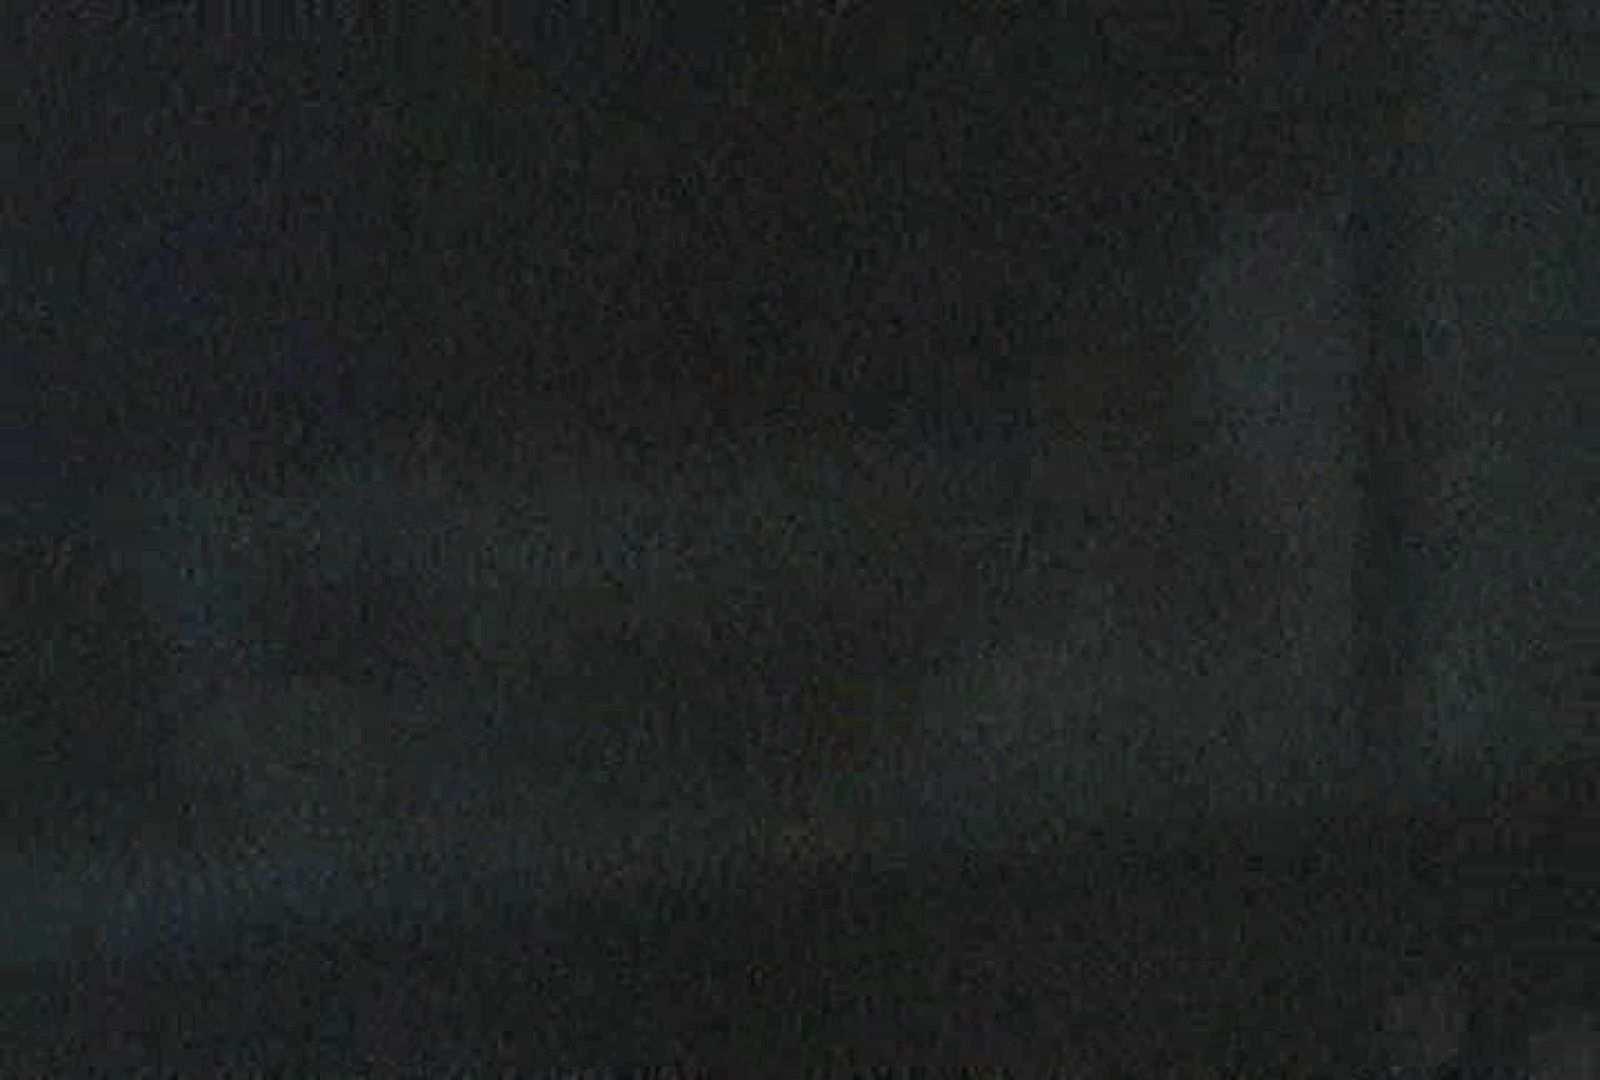 充血監督の深夜の運動会Vol.95 エロティックなOL   車の中のカップル  77画像 29